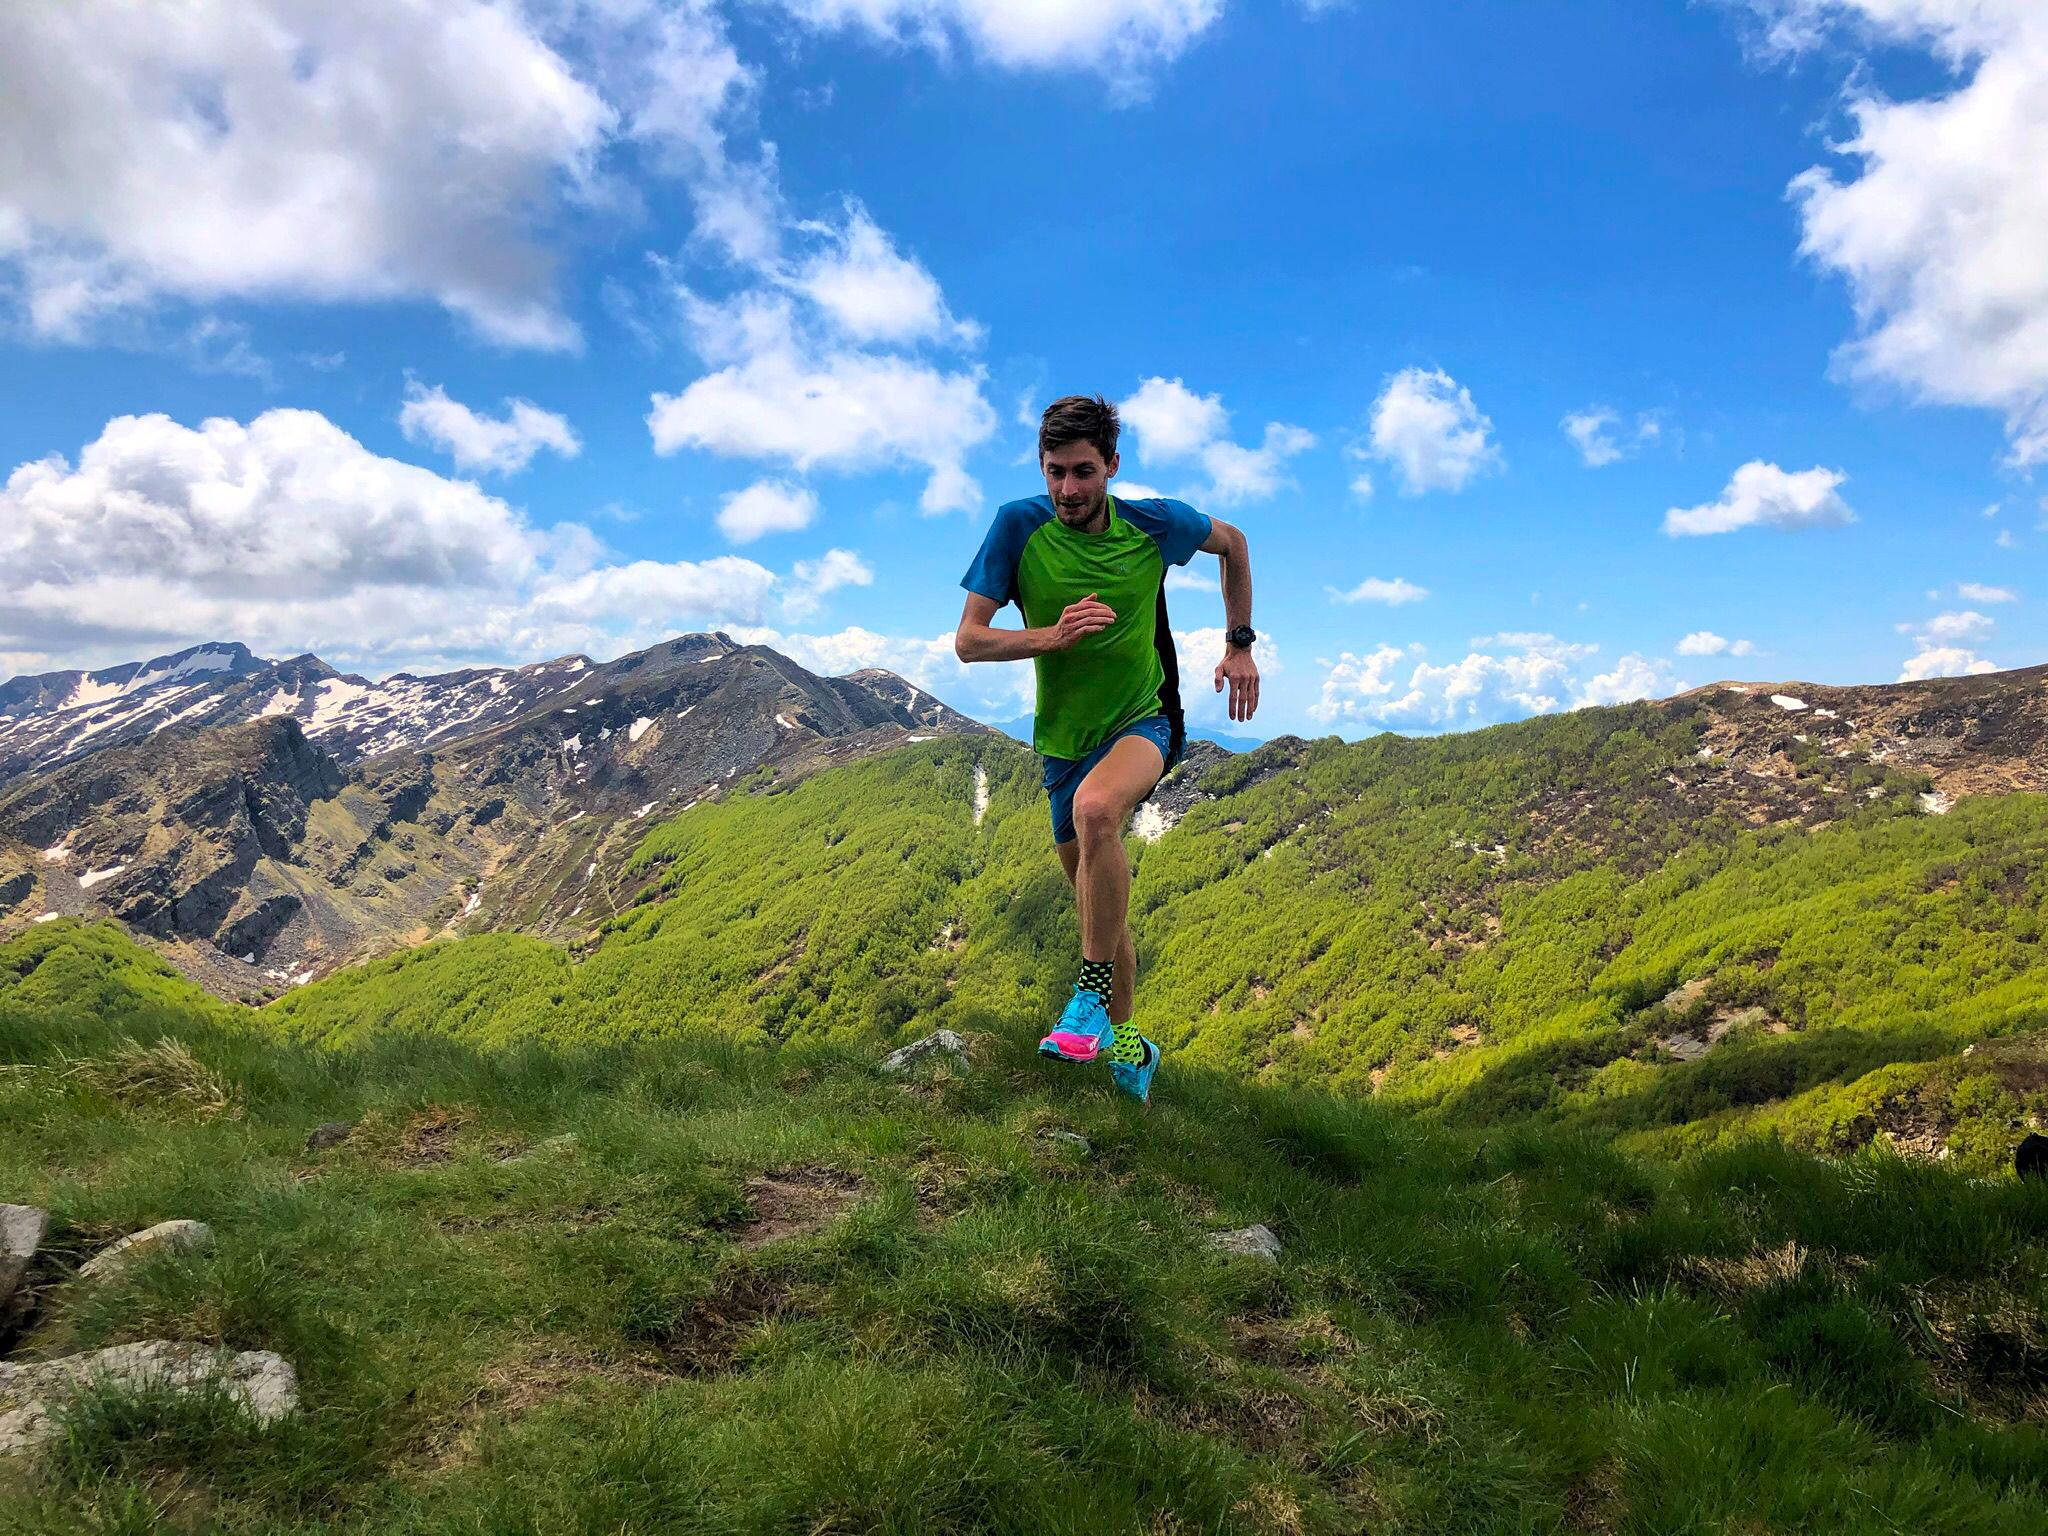 approccio al trail running